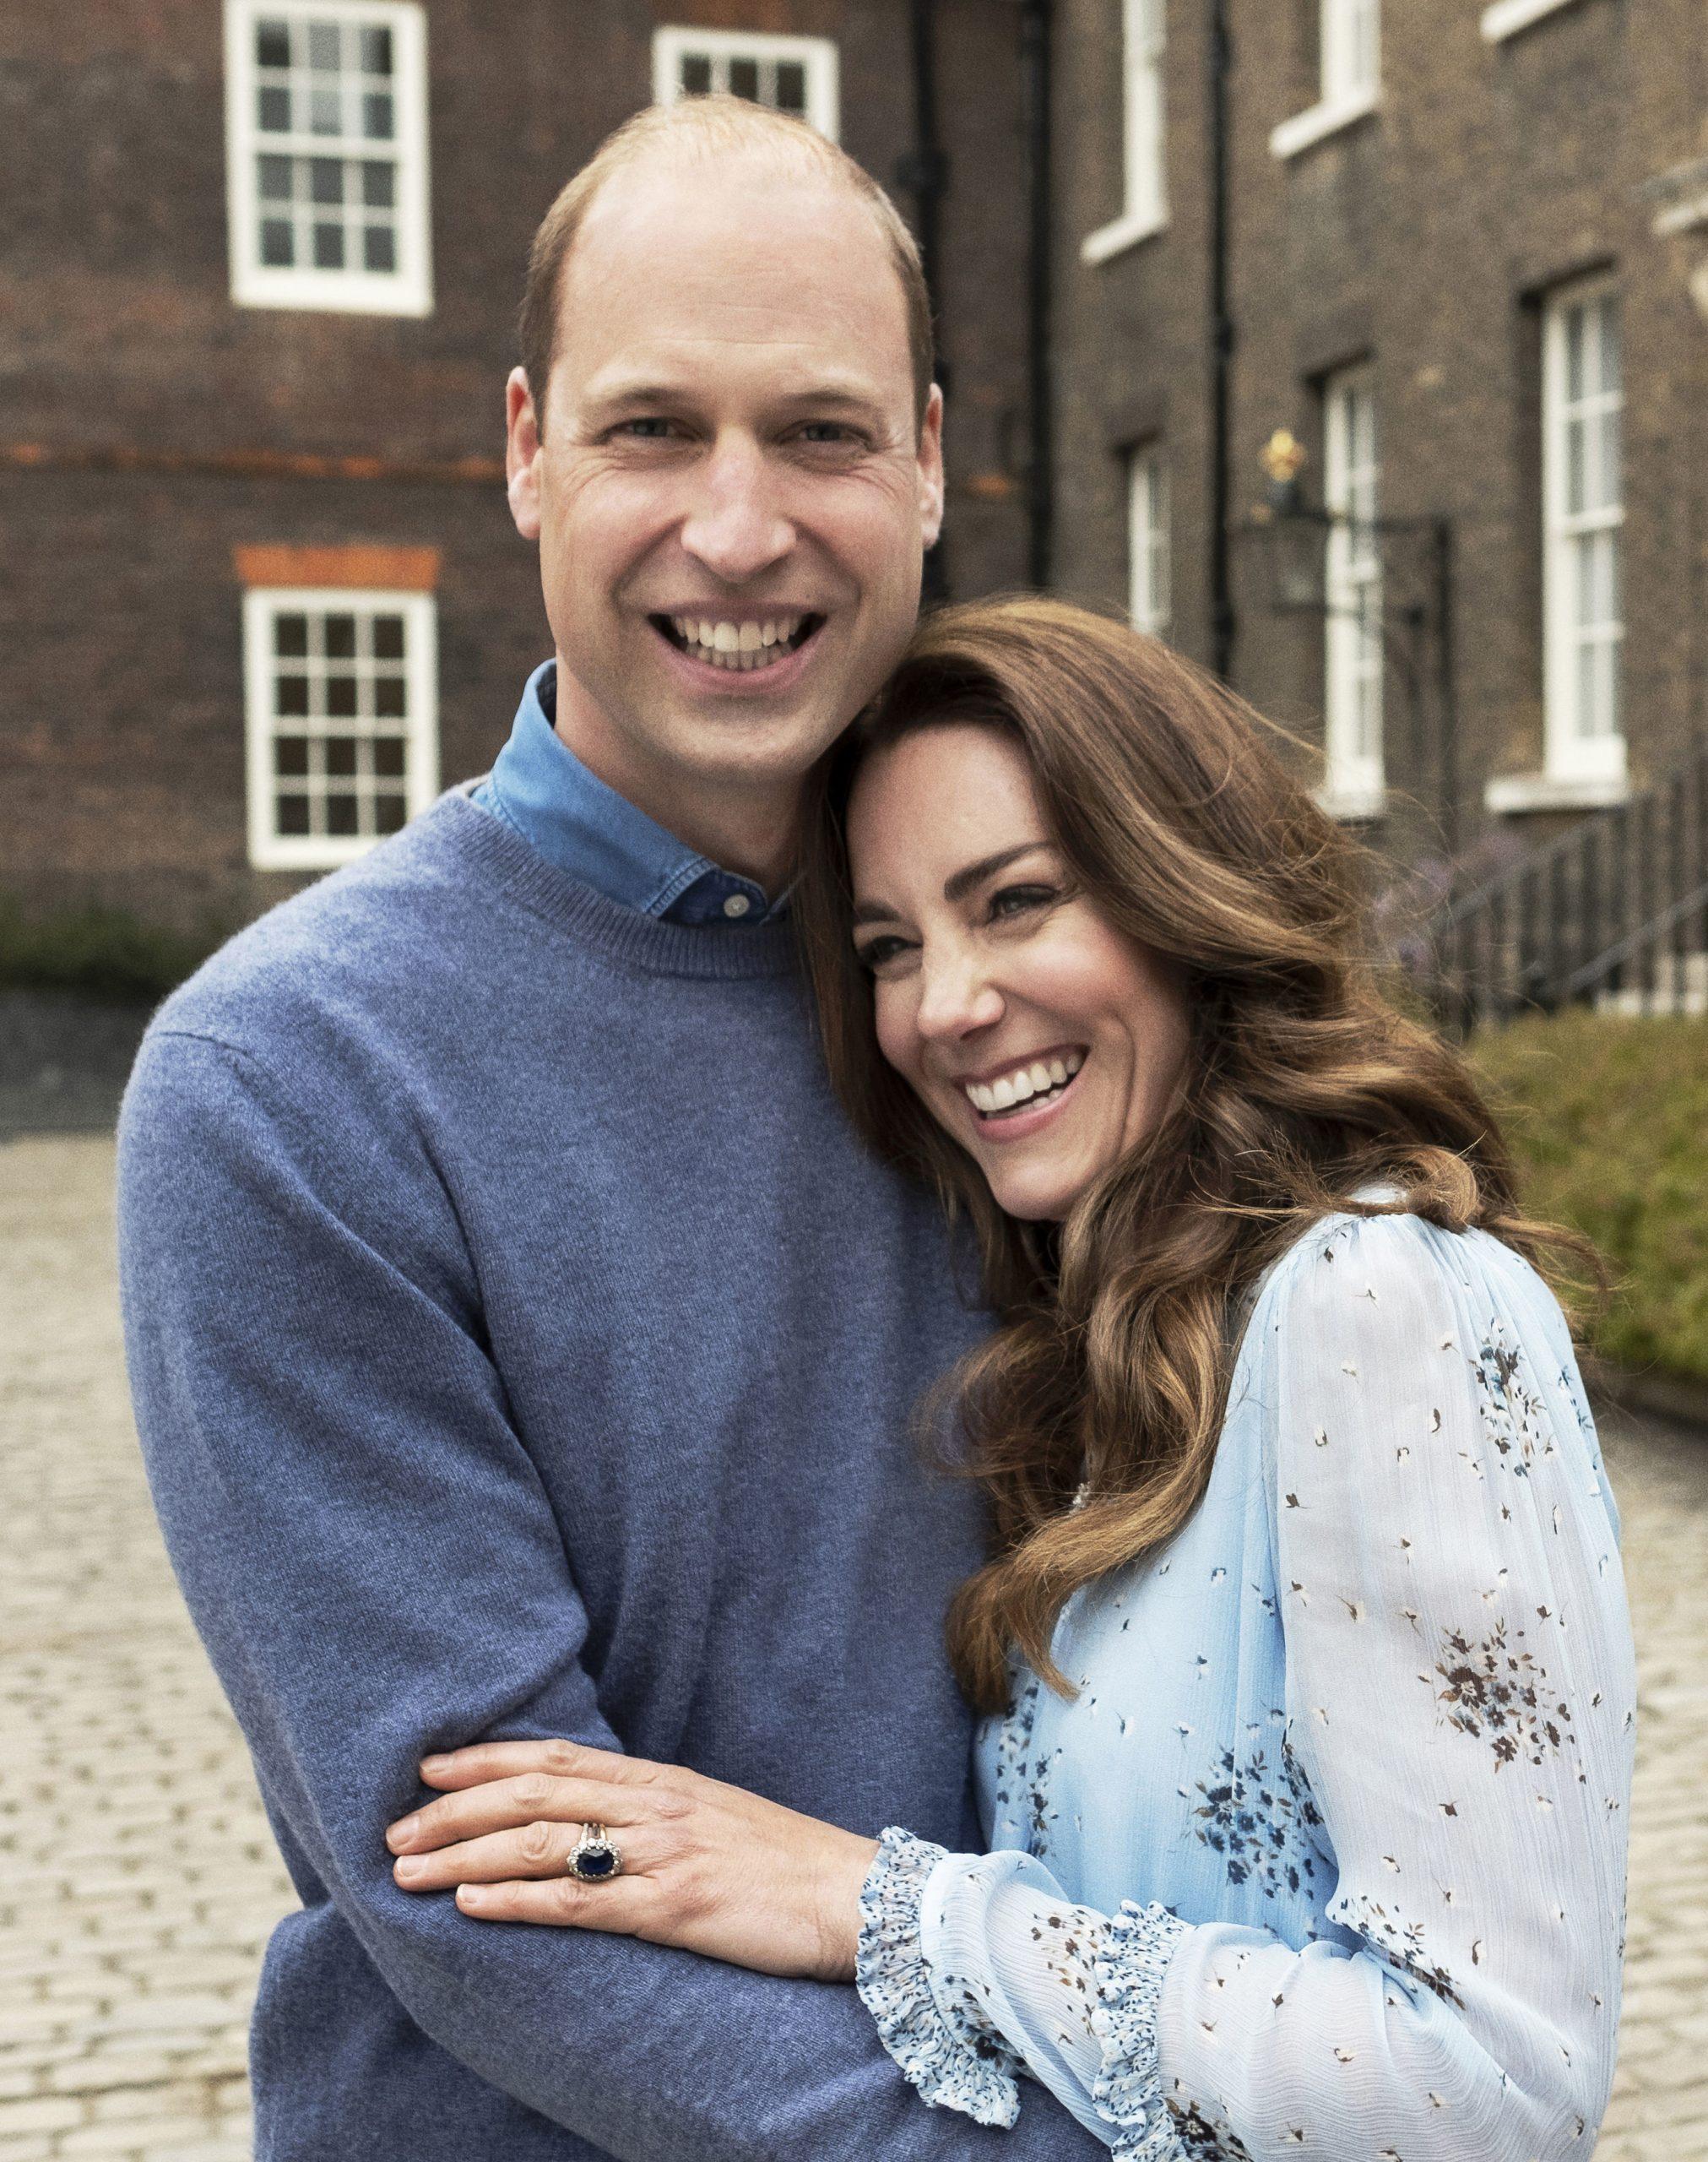 Vilijam i Kejt, 10 godina braka